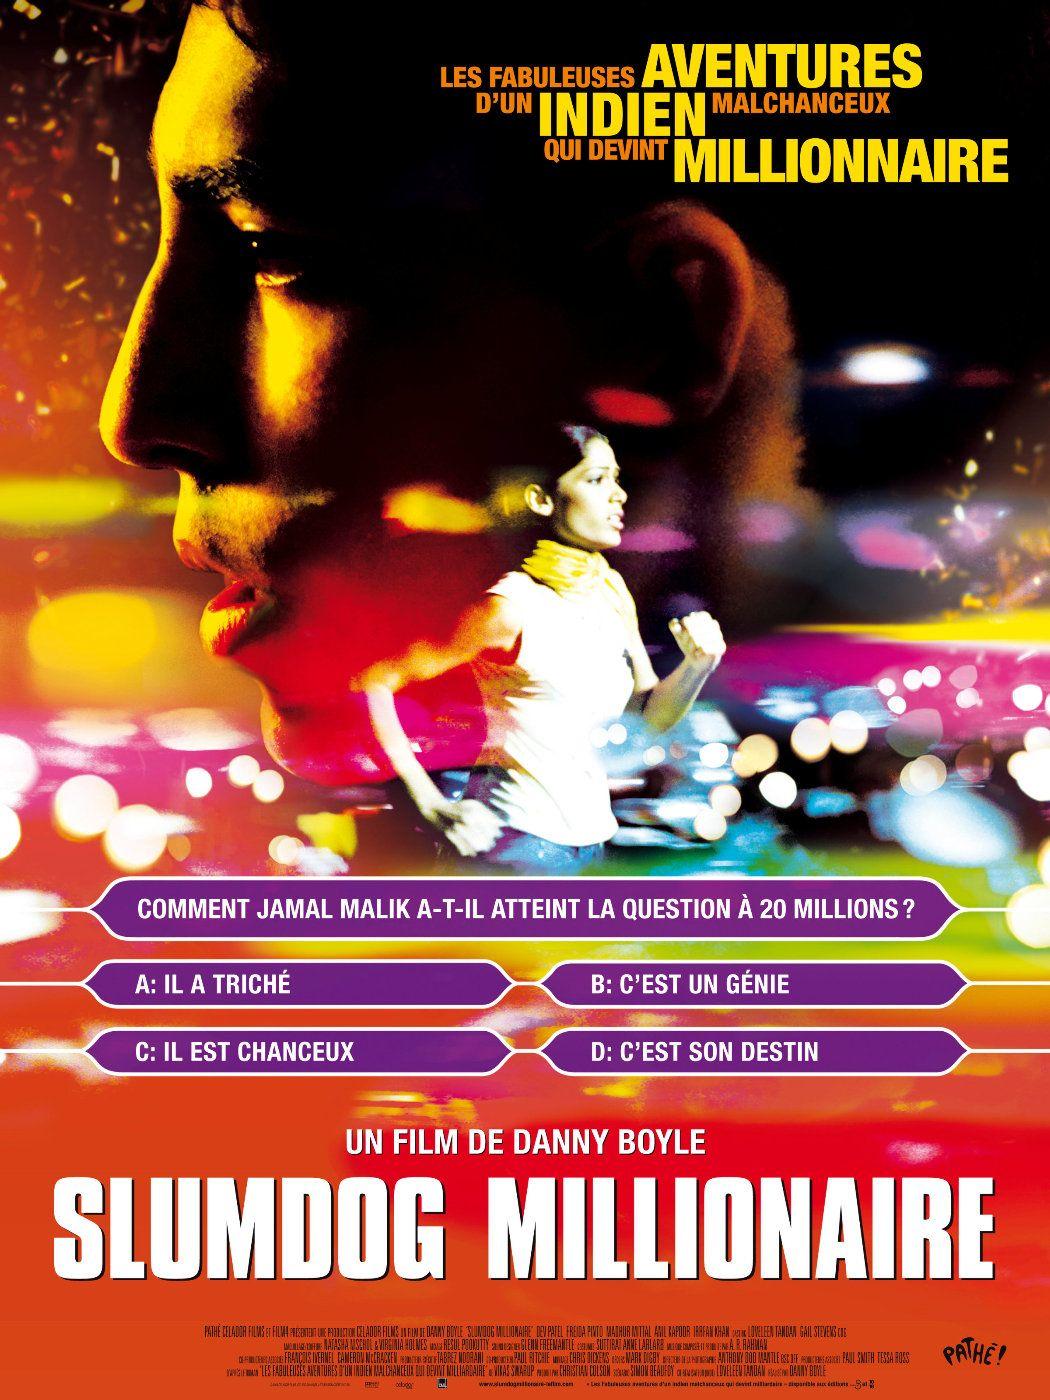 affiche poster slumdog millionaire disney fox